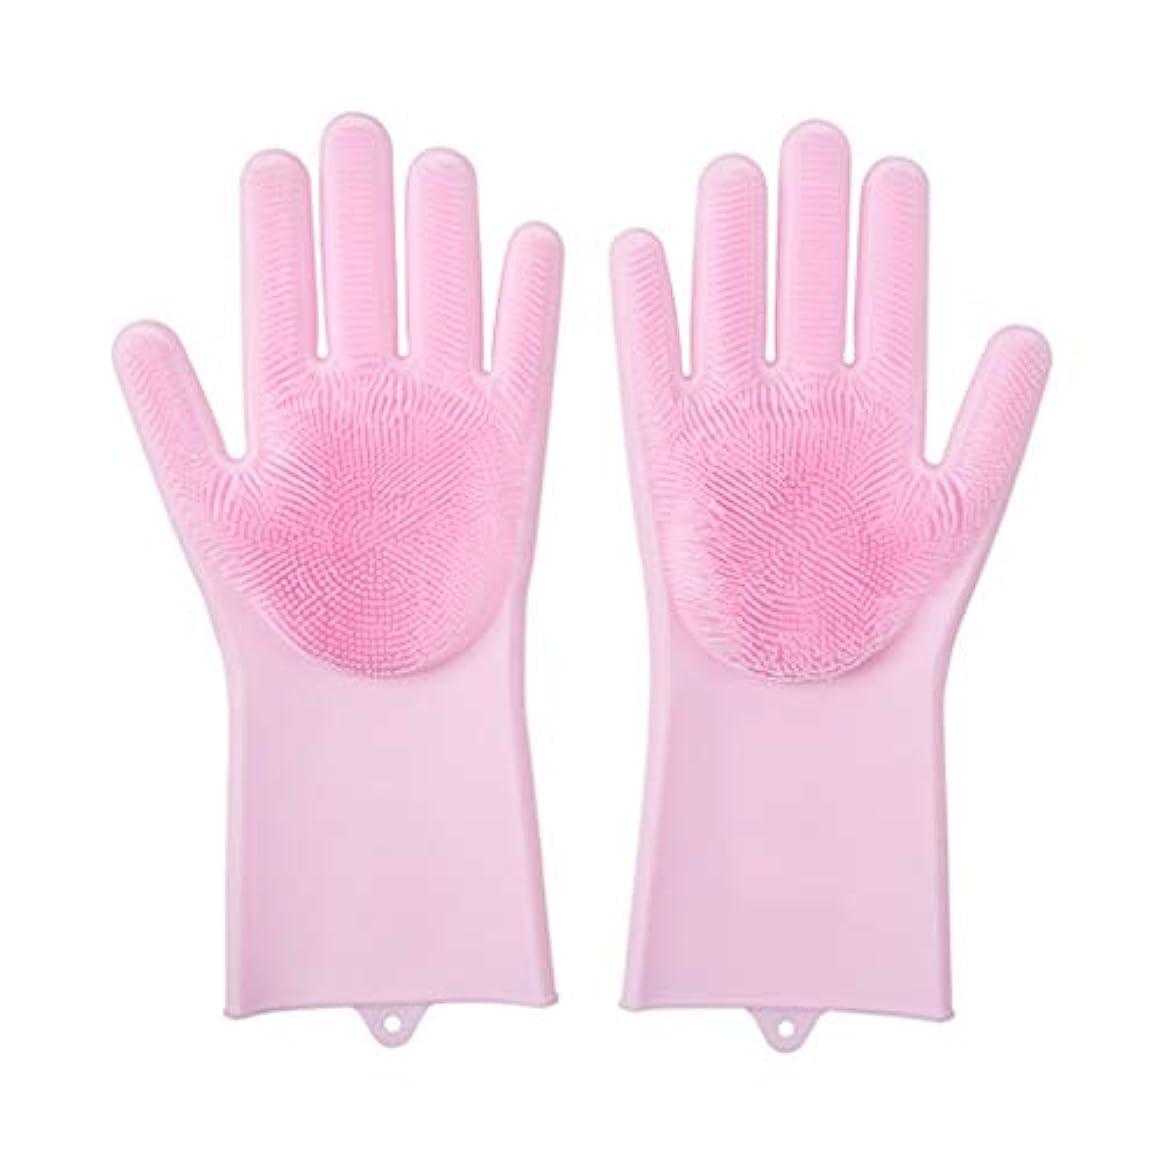 混乱させるインク注釈LIUXIN スクラバー付きシリコン食器洗い手袋多機能家事ゴム手袋13.5×32.5センチマルチカラーオプション ゴム手袋 (Color : Pink)